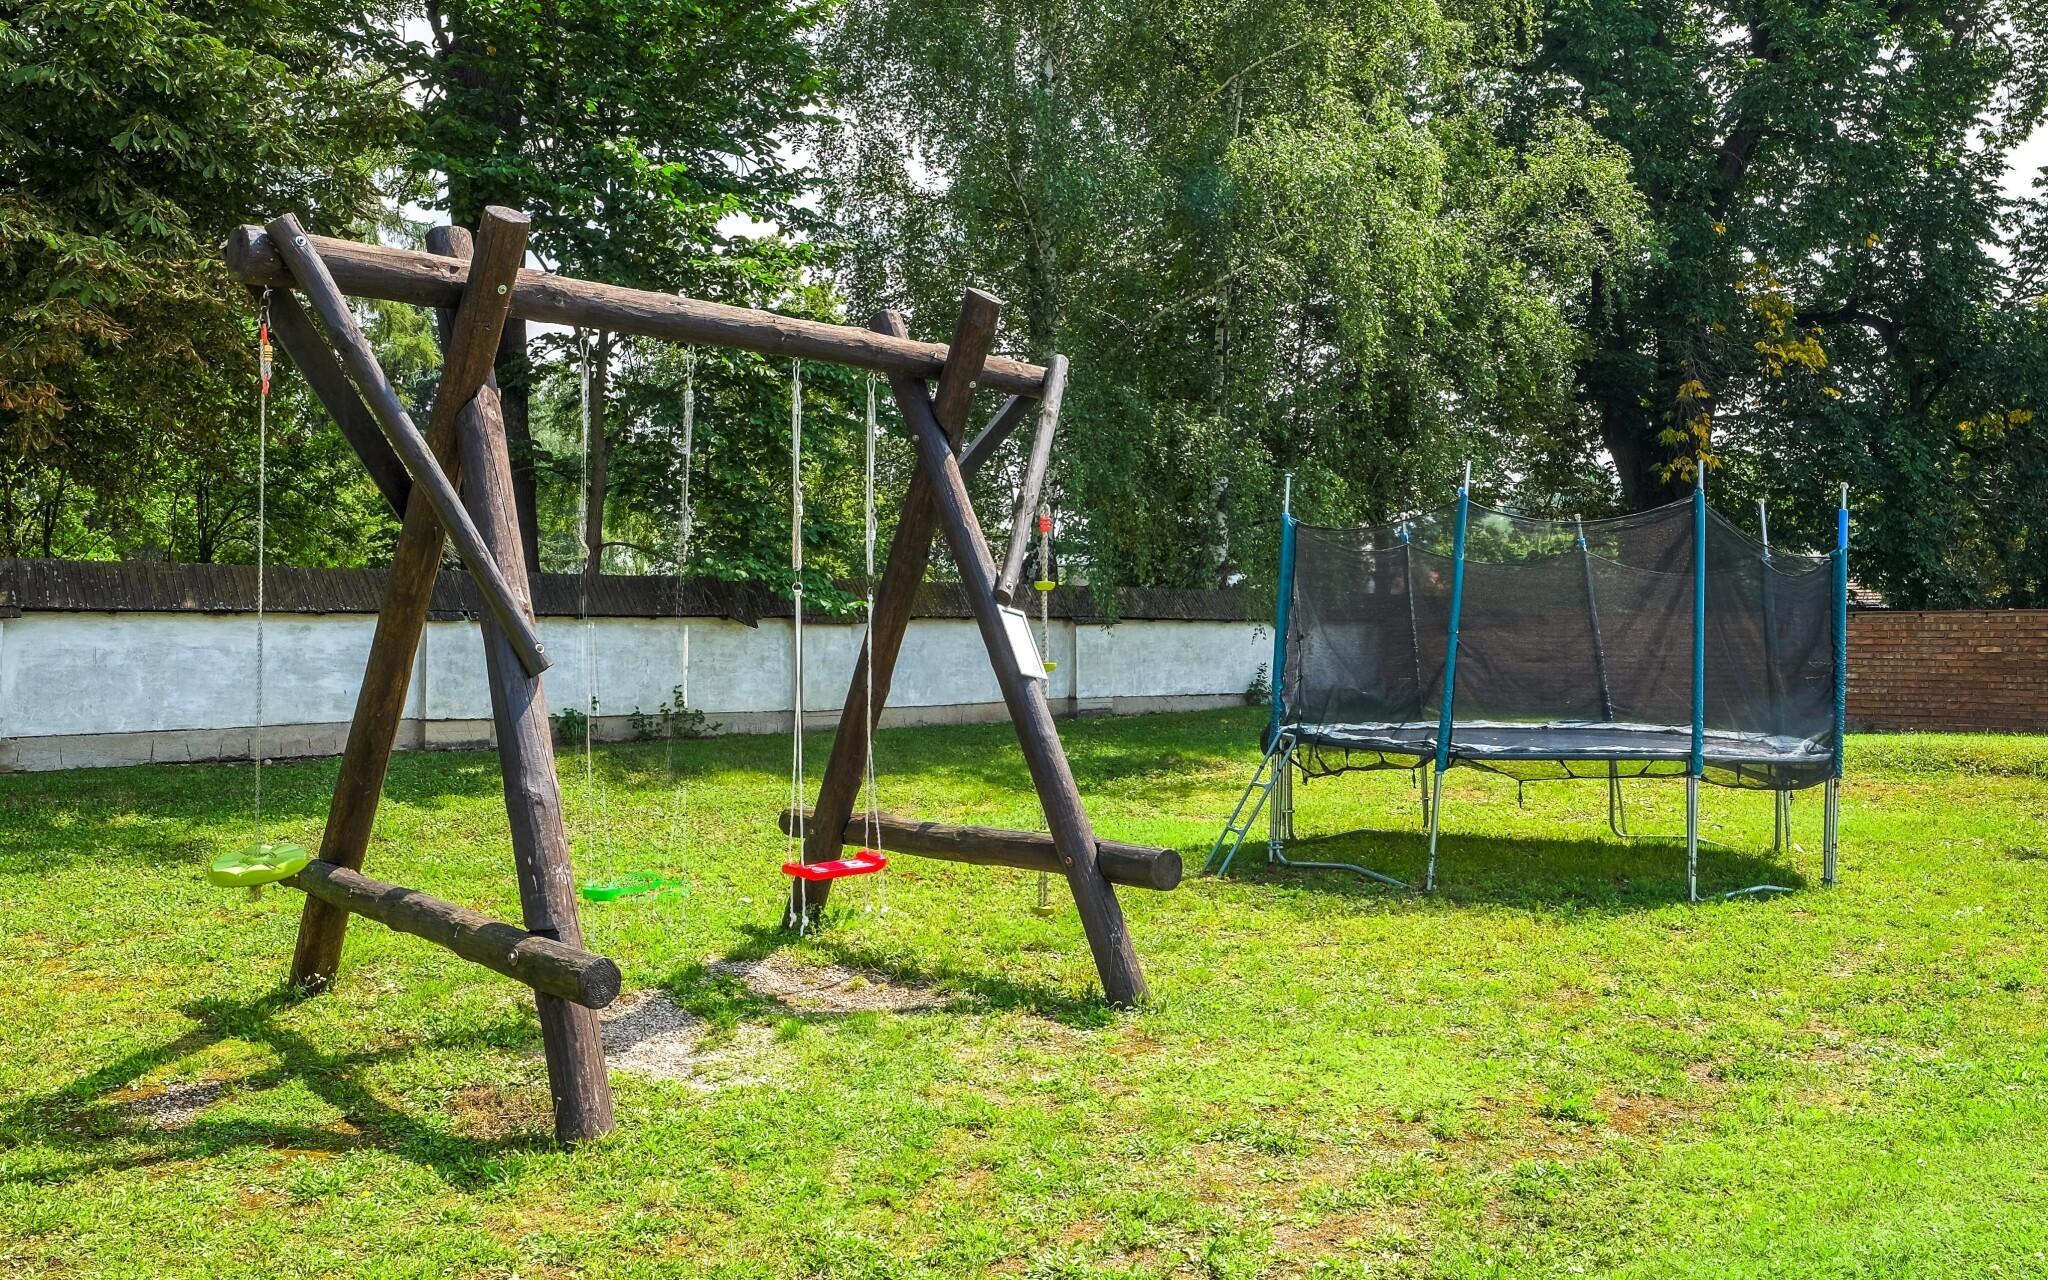 Dětské hřiště, Penzion Agrothermal Bešeňová, Slovensko